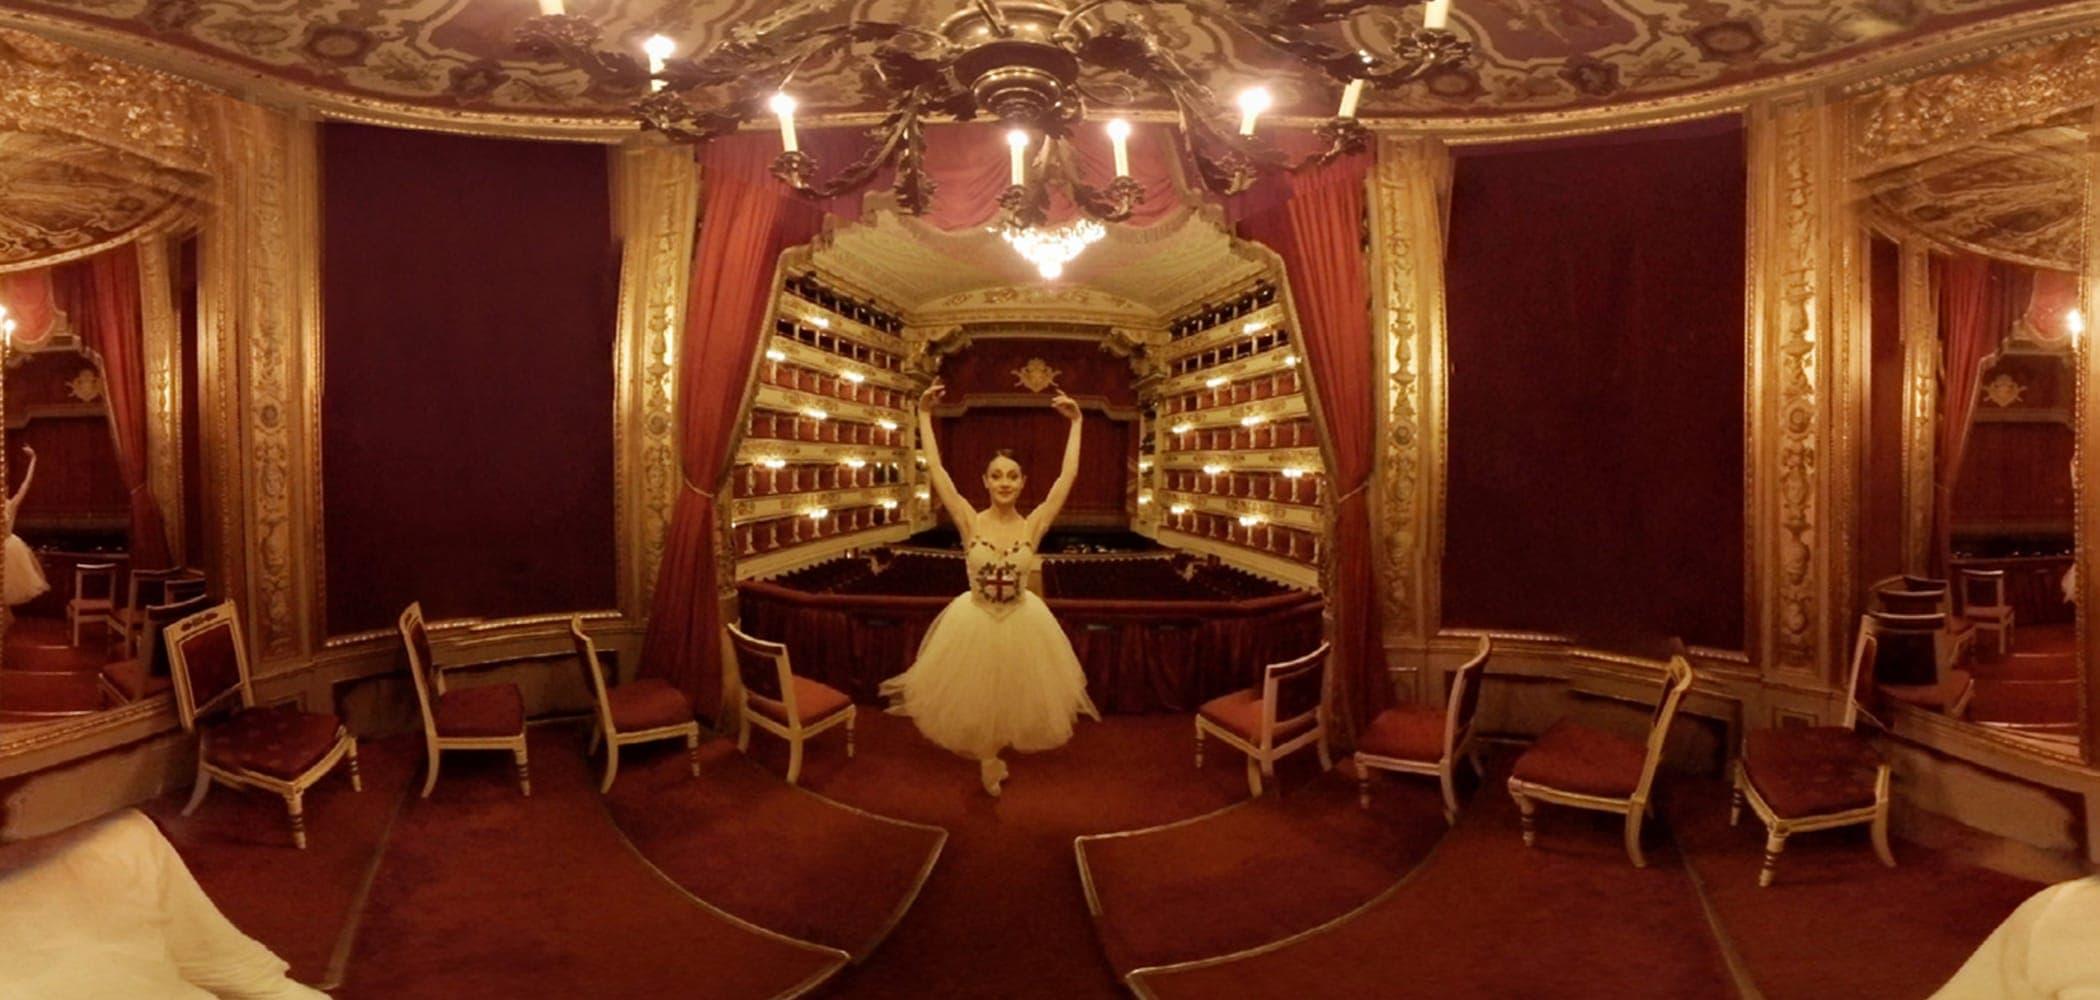 realtà virtuale, teatro alla scala, nicoletta manni